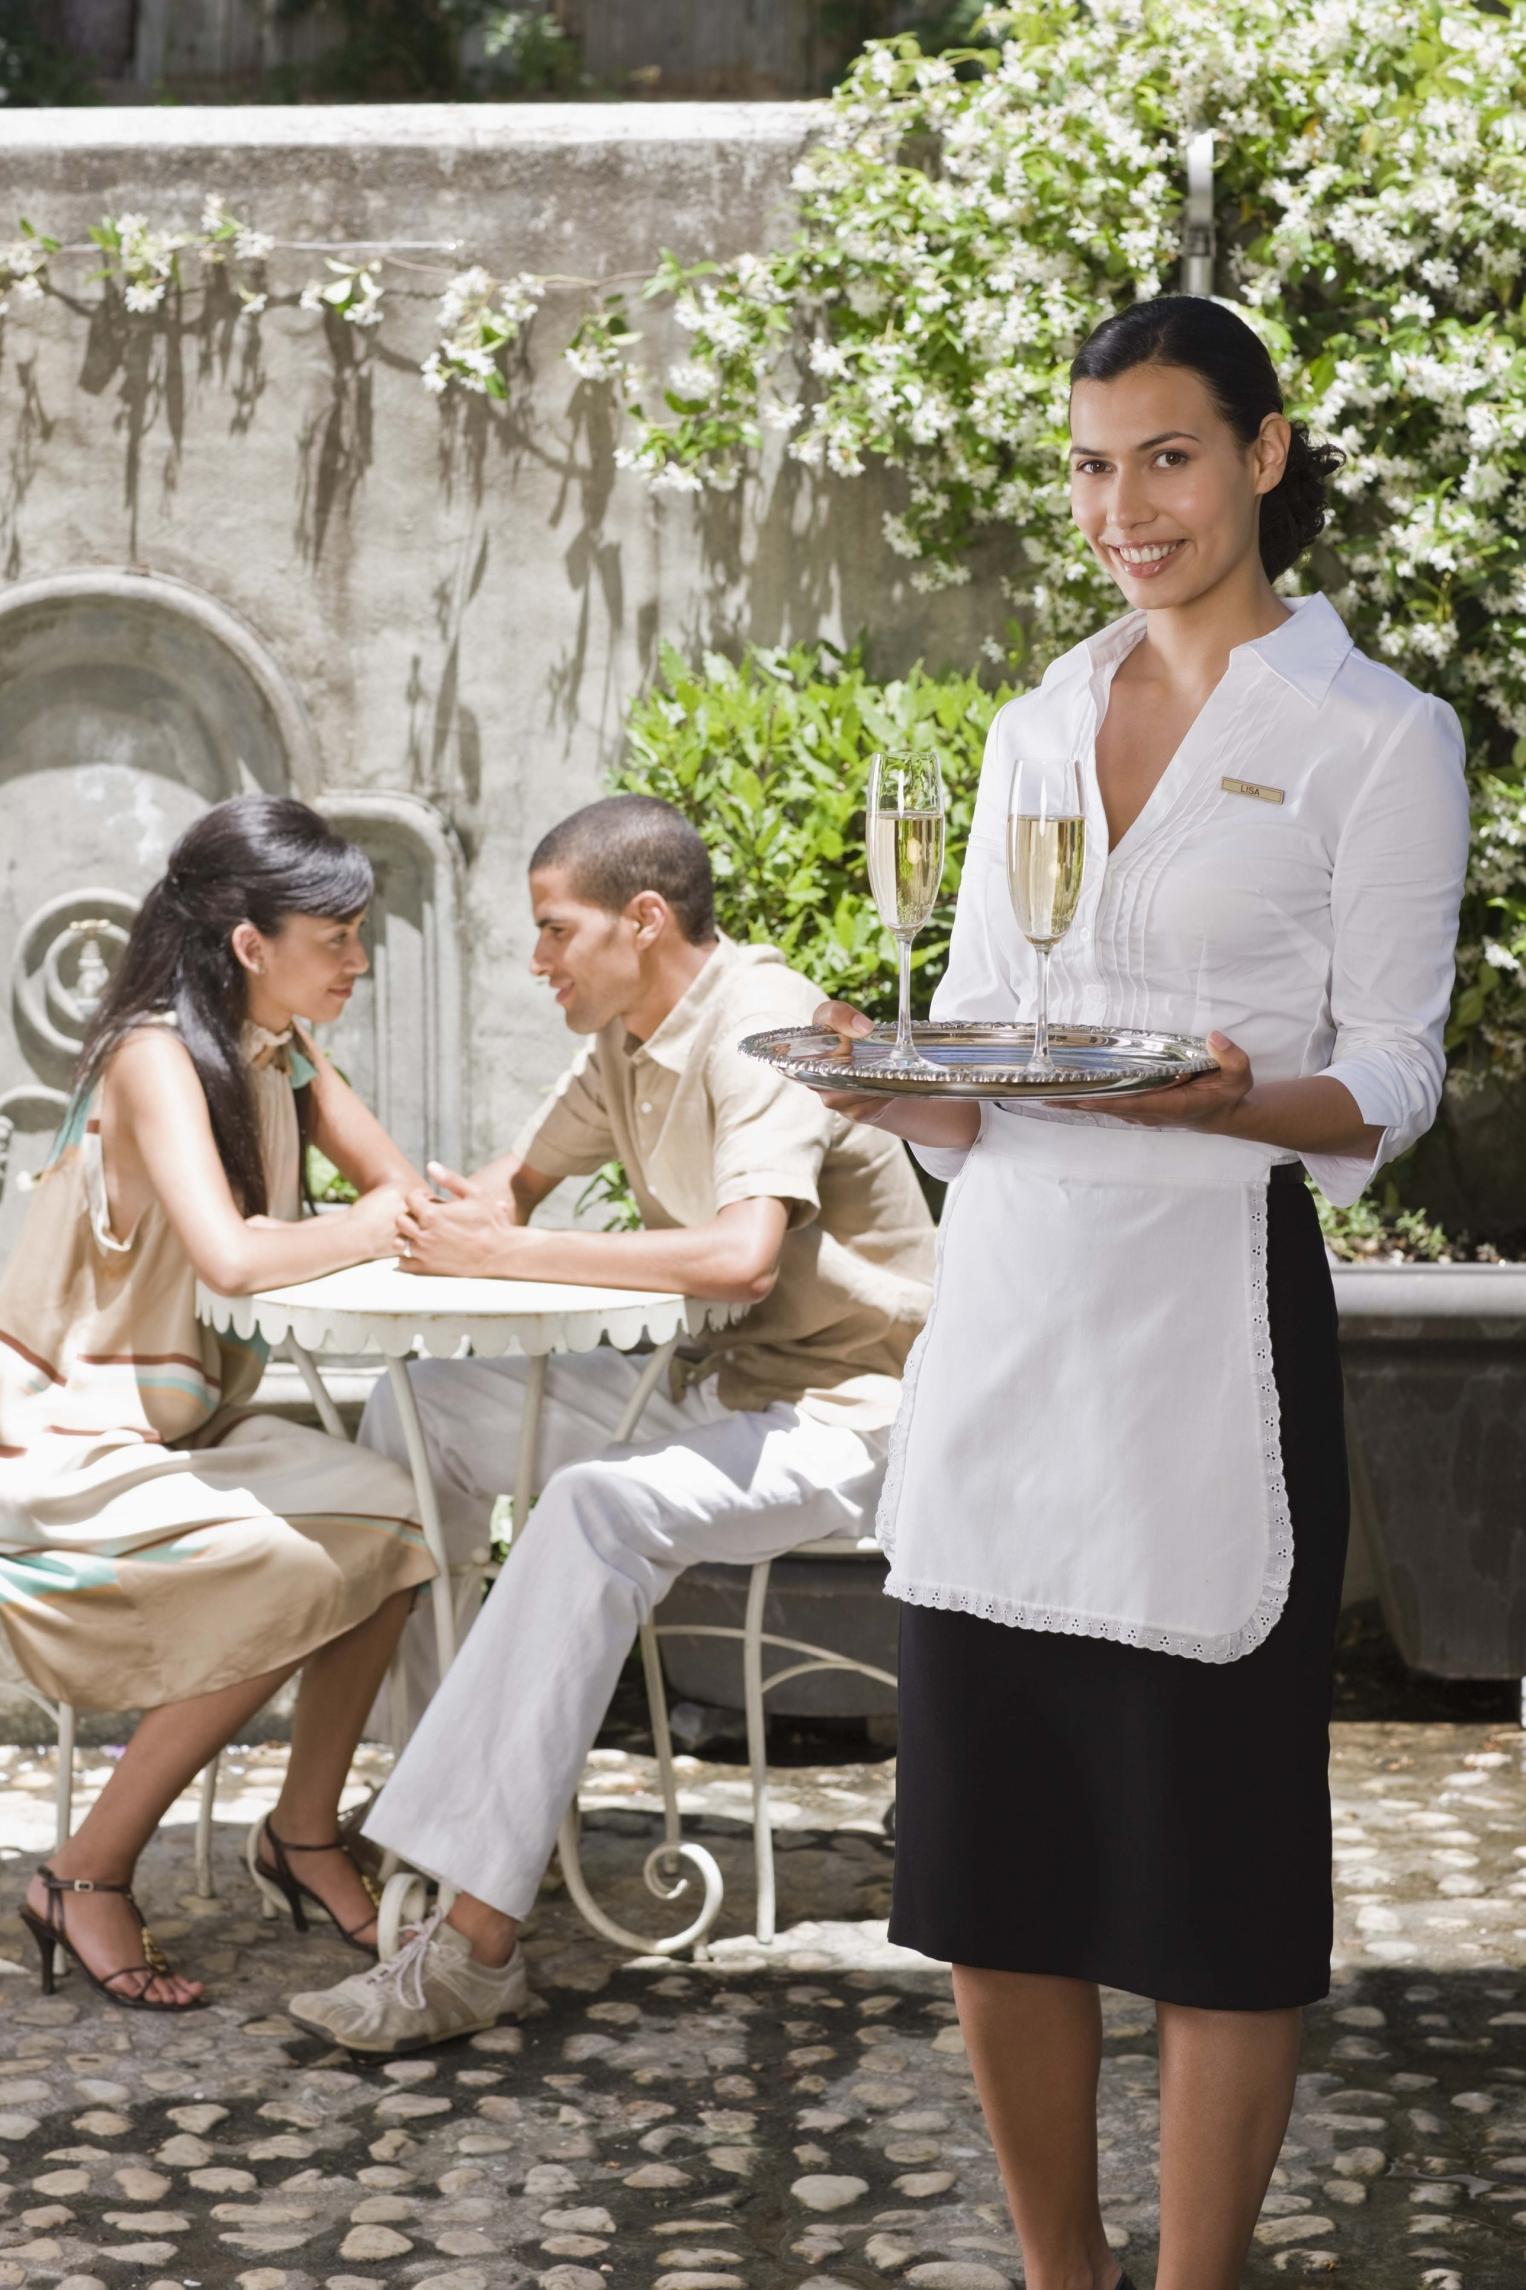 Funciones del personal de servicio de un restaurante |